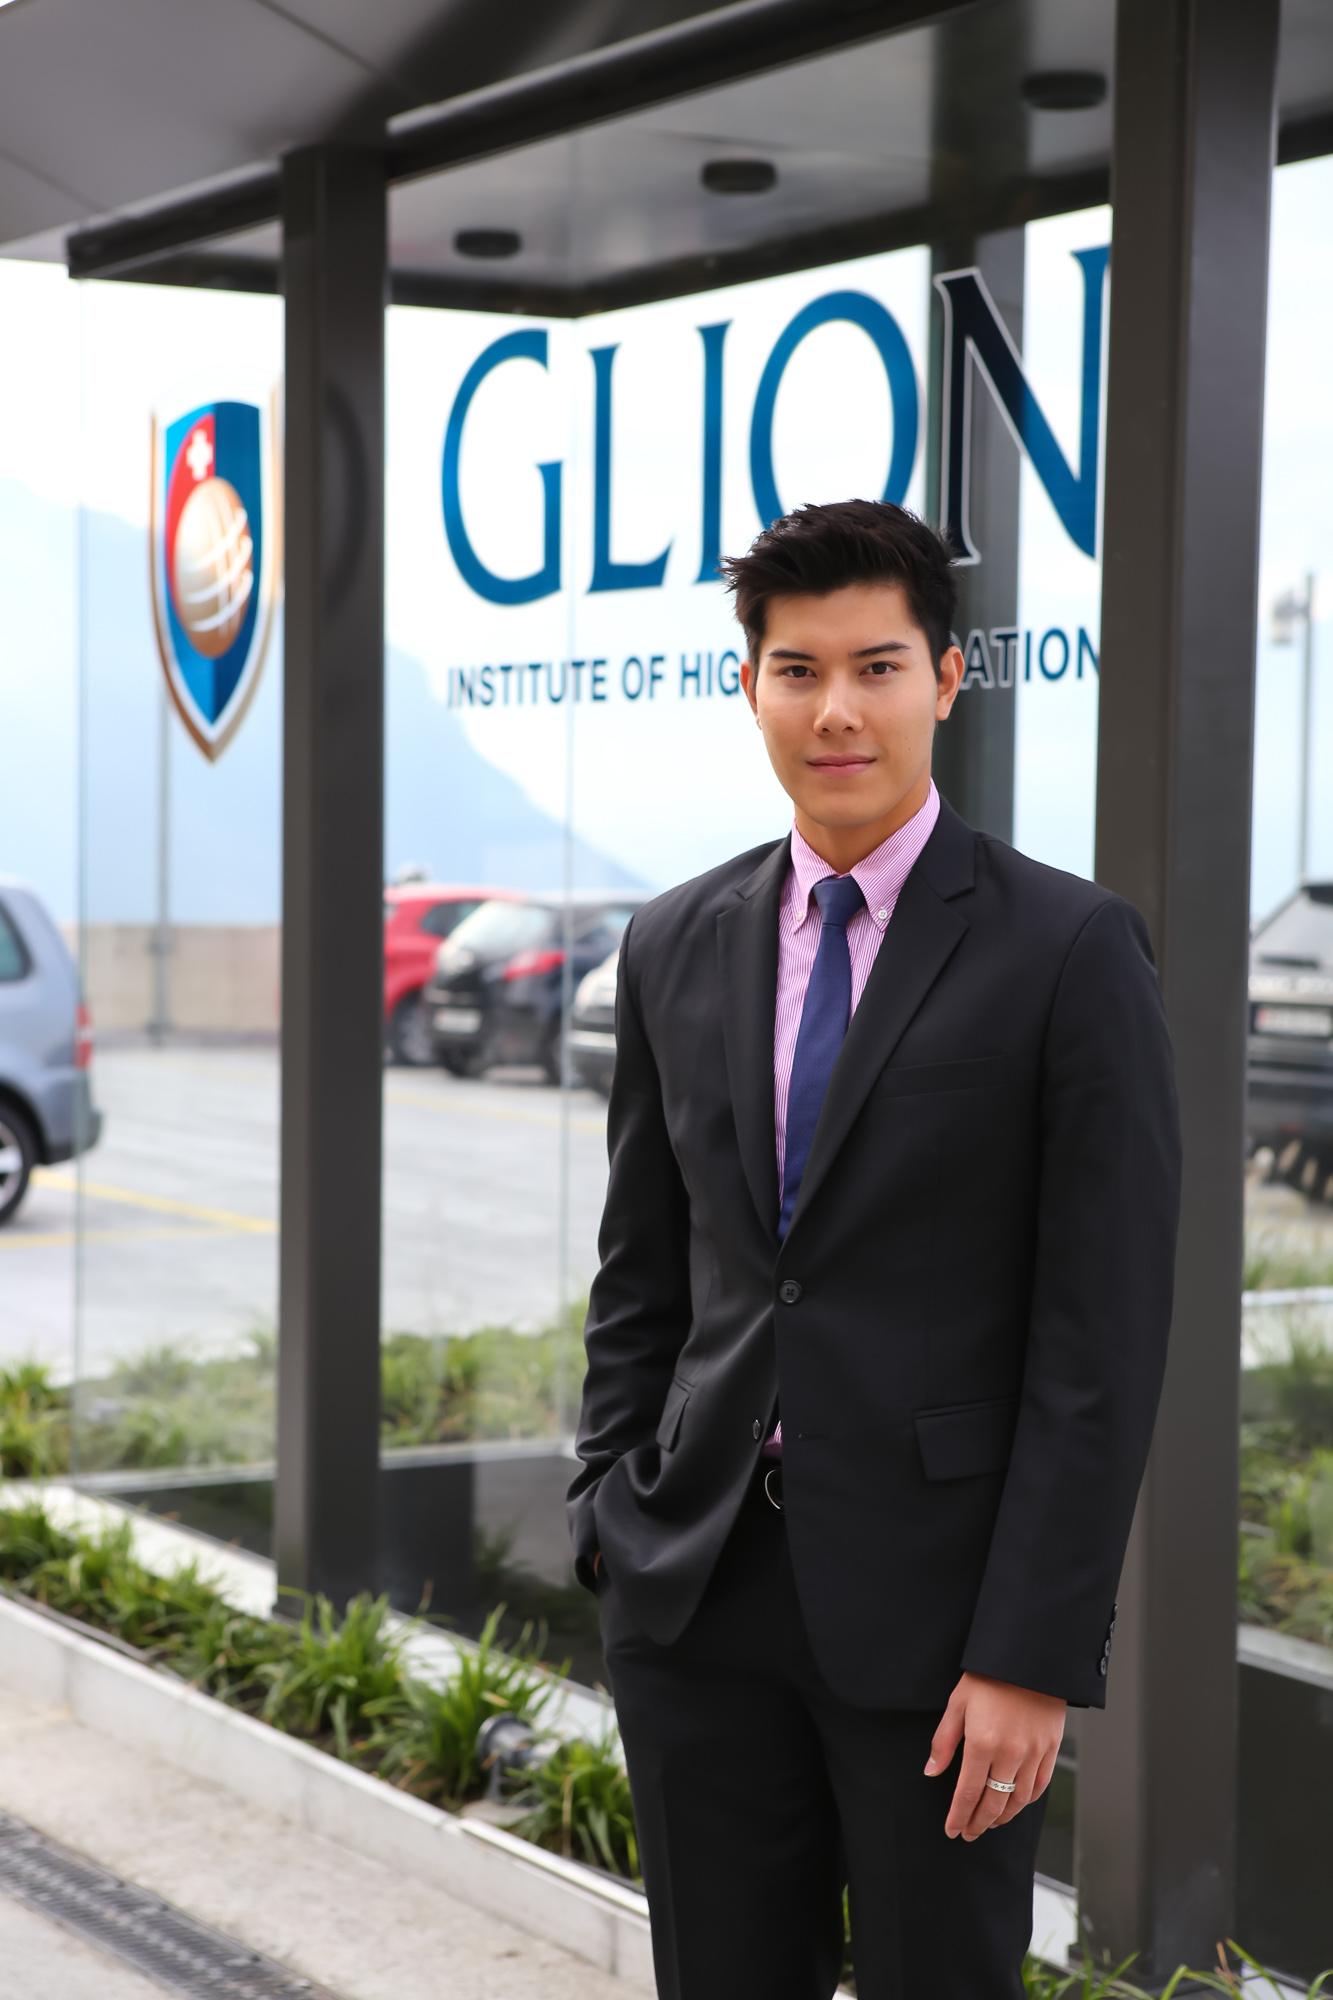 นักเรียนอังกฤษผู้ตกหลุมรักสวิส MBA Glion